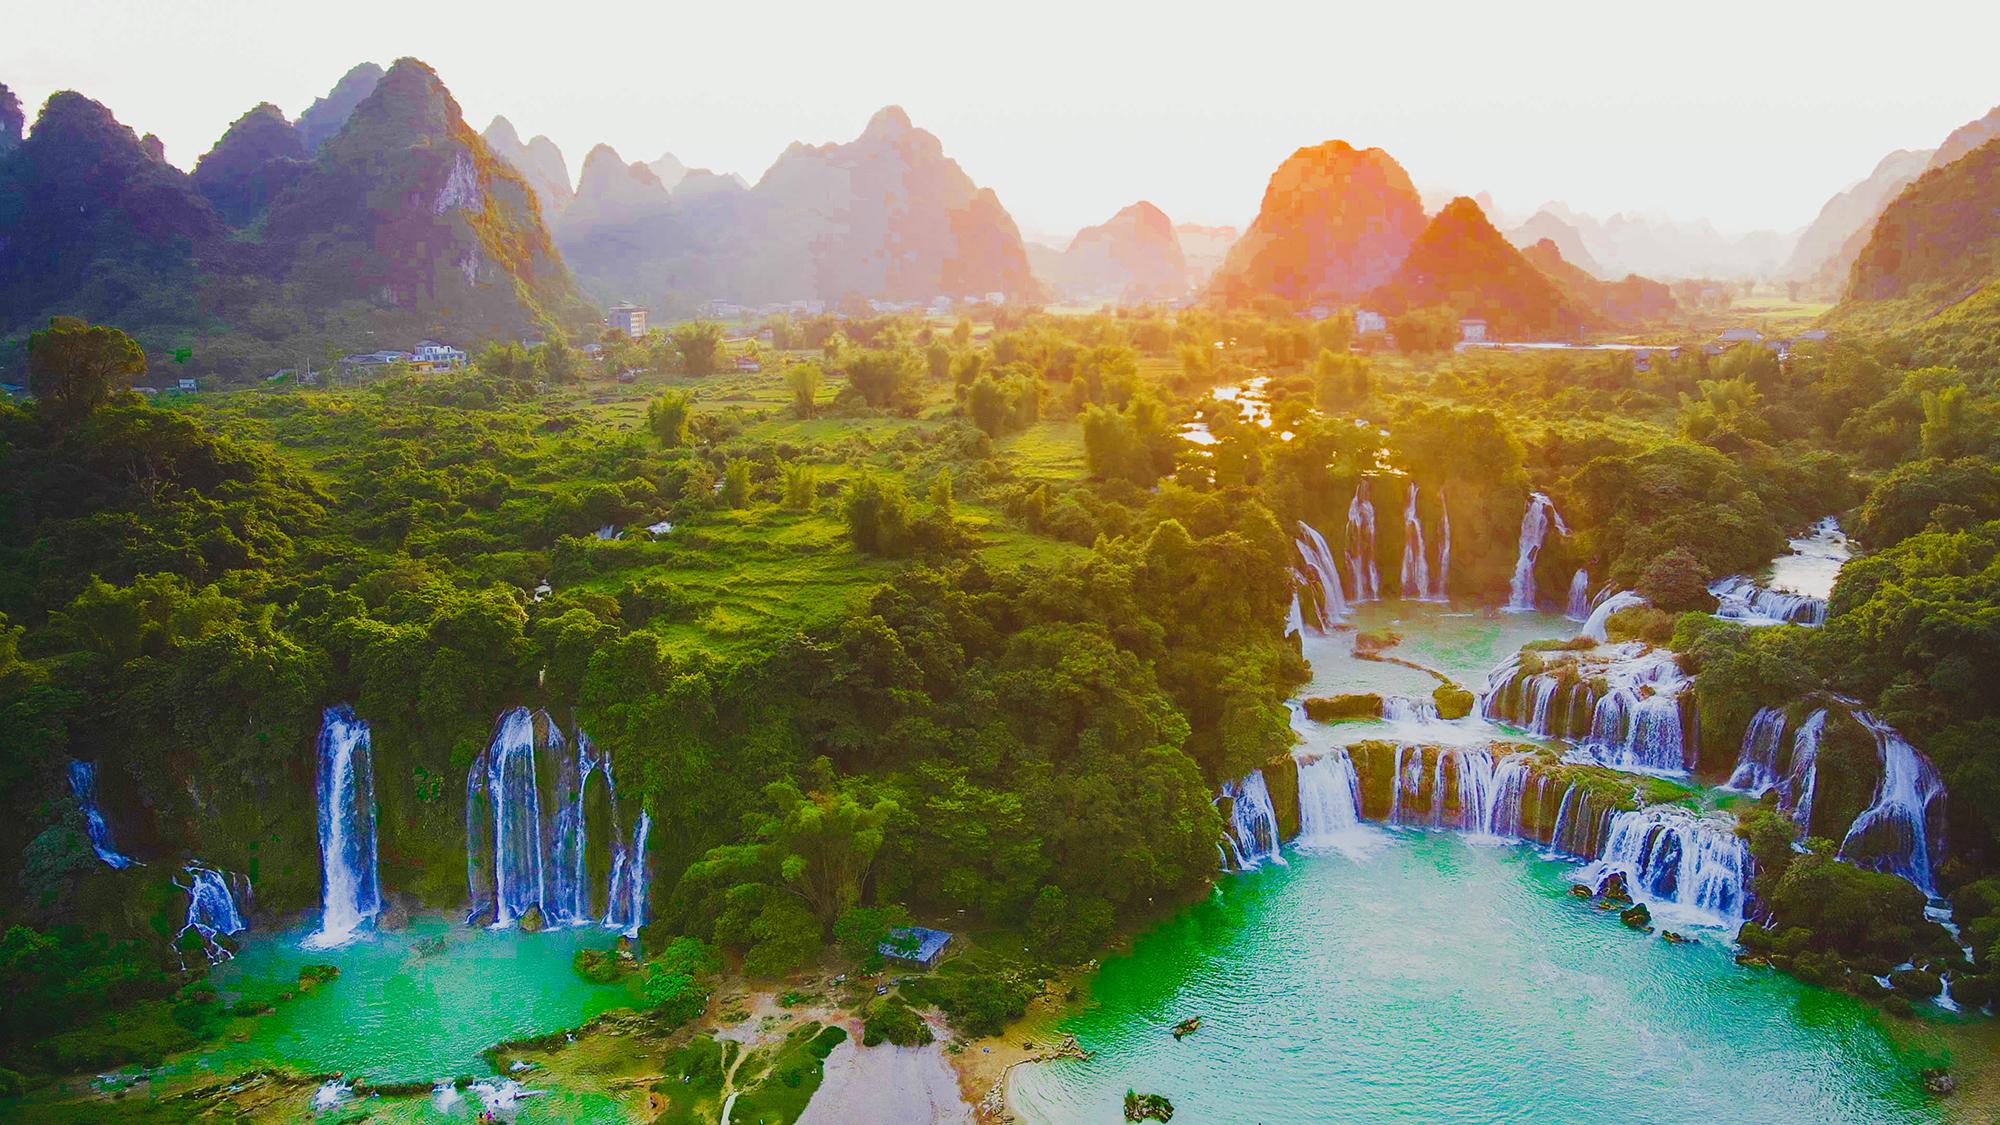 Cảnh sắc hữu tình của 'tỉnh xanh' duy nhất vắng bóng Covid-19 tại Việt Nam